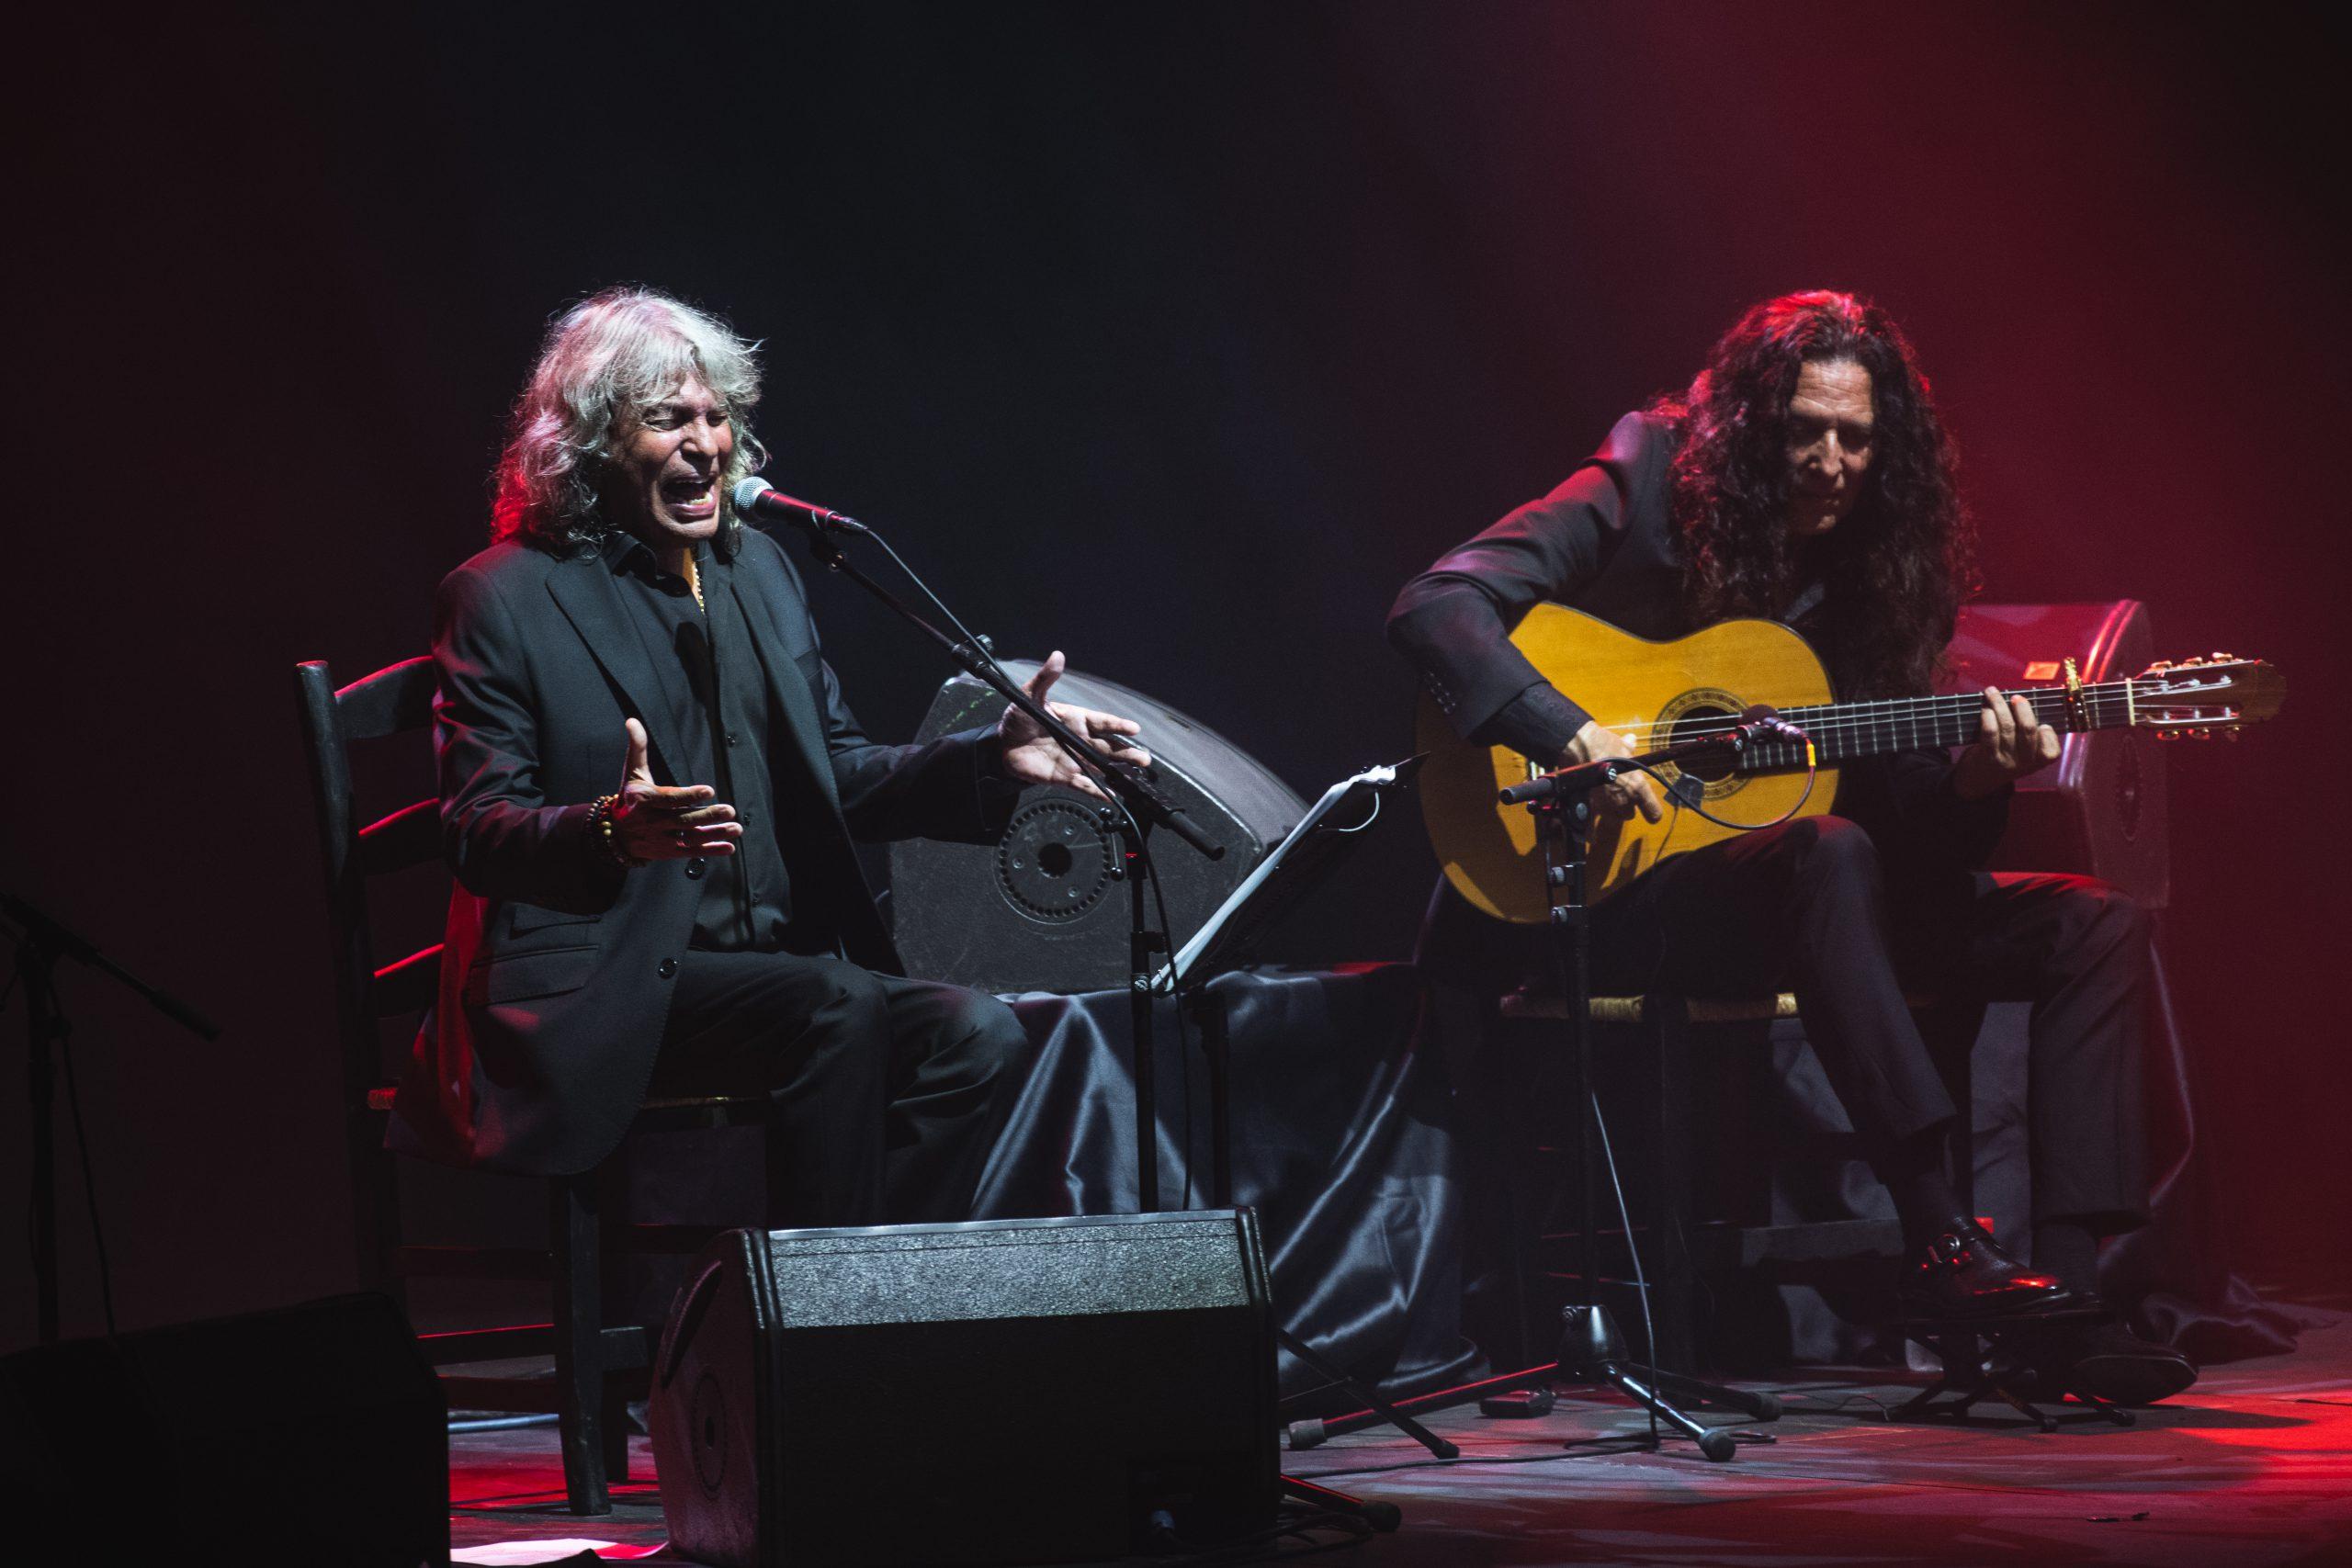 José Mercé y Tomatito, exponentes del flamenco más puro, embrujaron Starlite